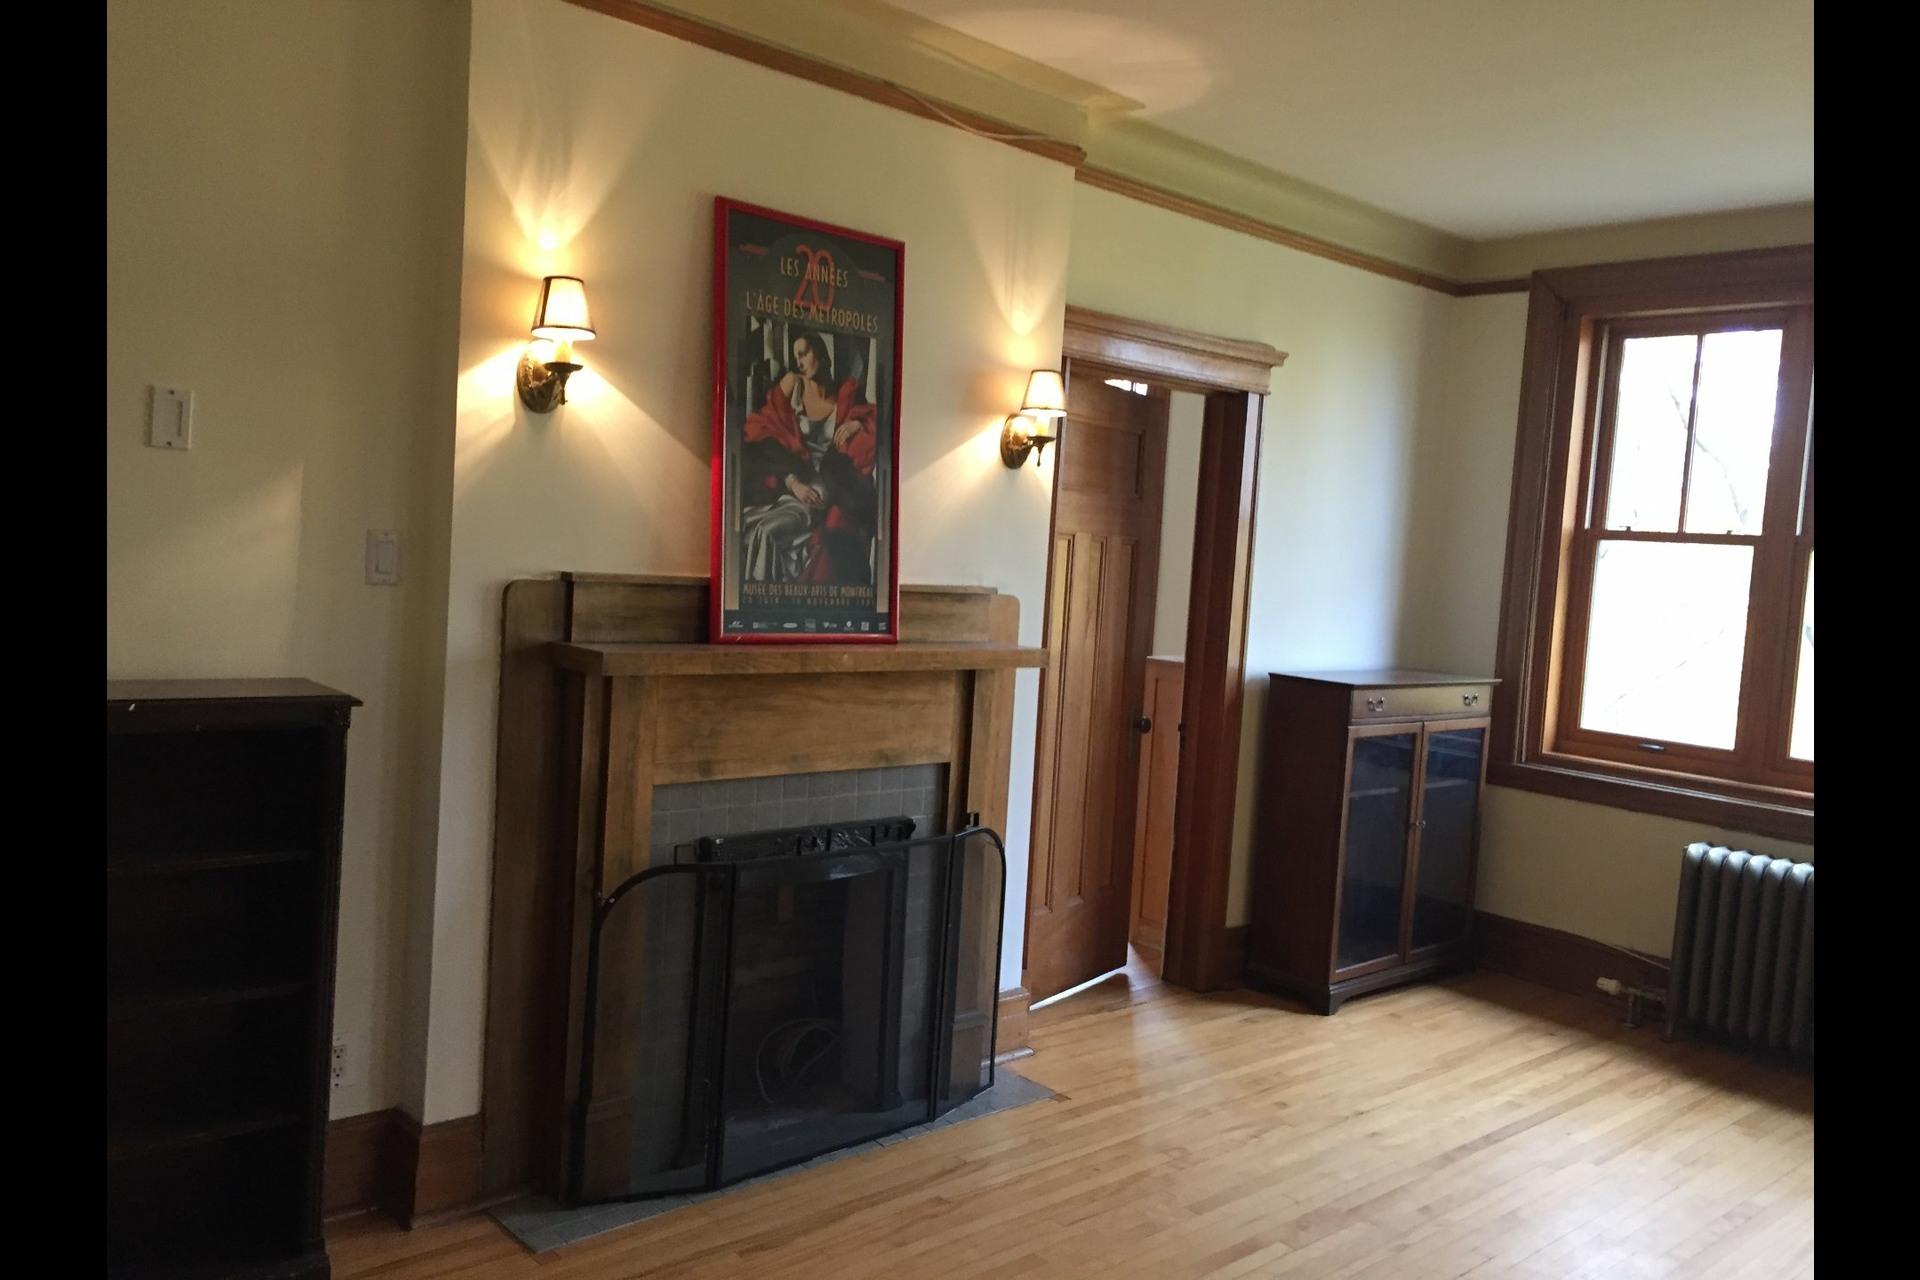 image 5 - Apartment For sale Montréal Outremont  - 5 rooms